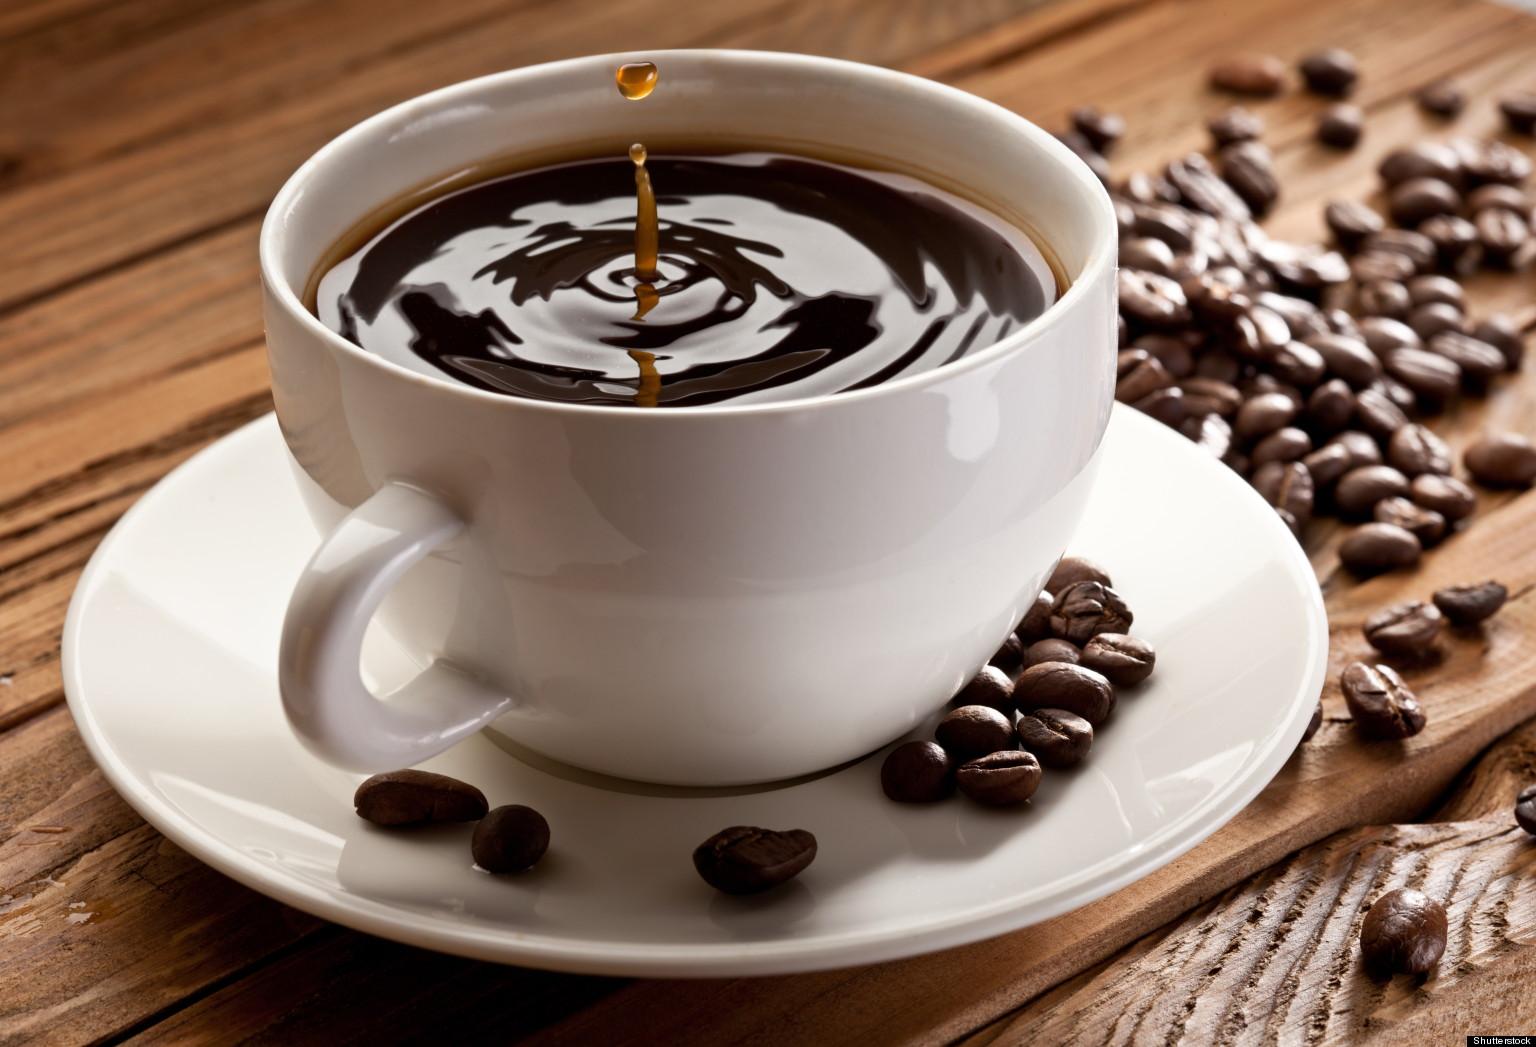 Cà phê rang xay đang là xu hướng được ưa chuộng hiện nay